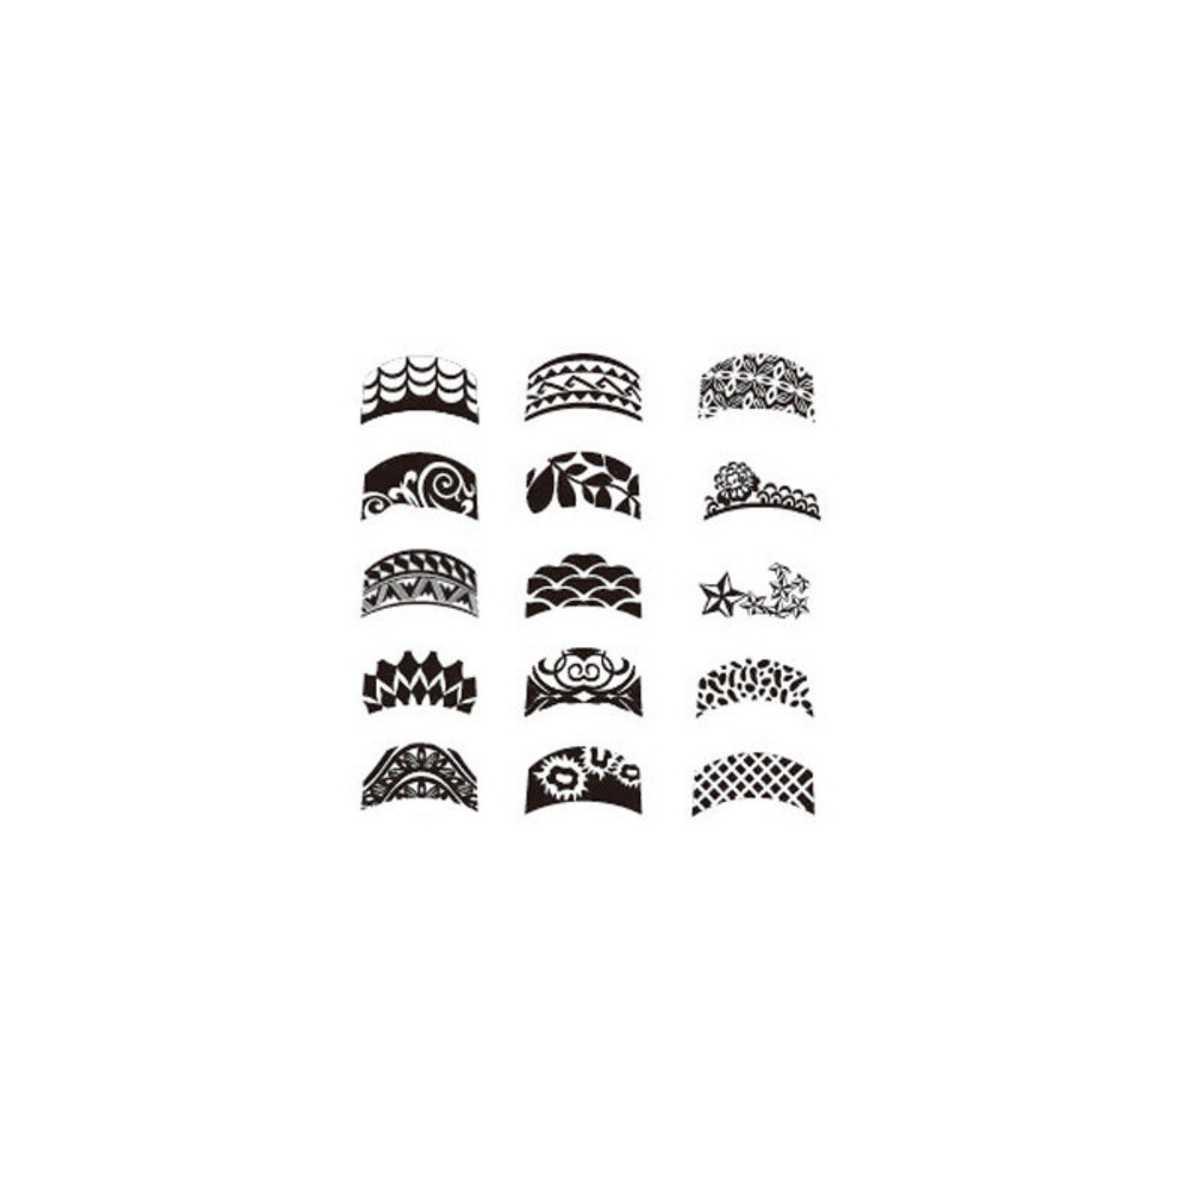 https://www.kit-manucure.com/1035-thickbox_default/plaque-de-stamping-french-quadrillage-dentelle-dessin-aztèque.jpg